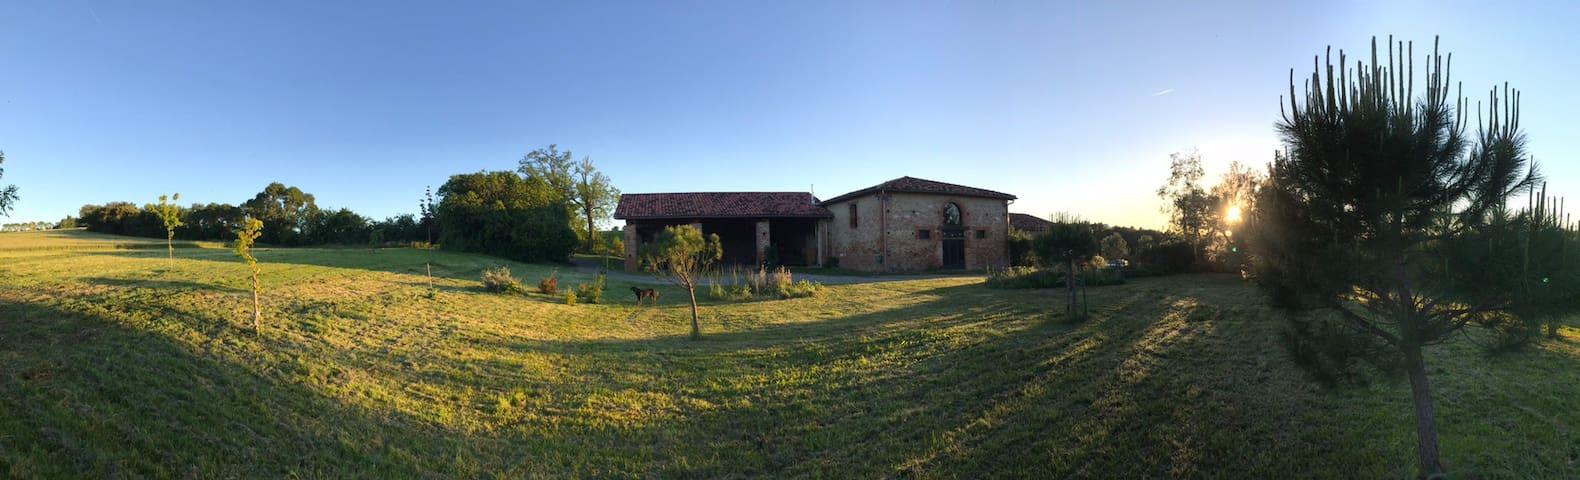 Ferme rénovée proche de Toulouse ( 20min )